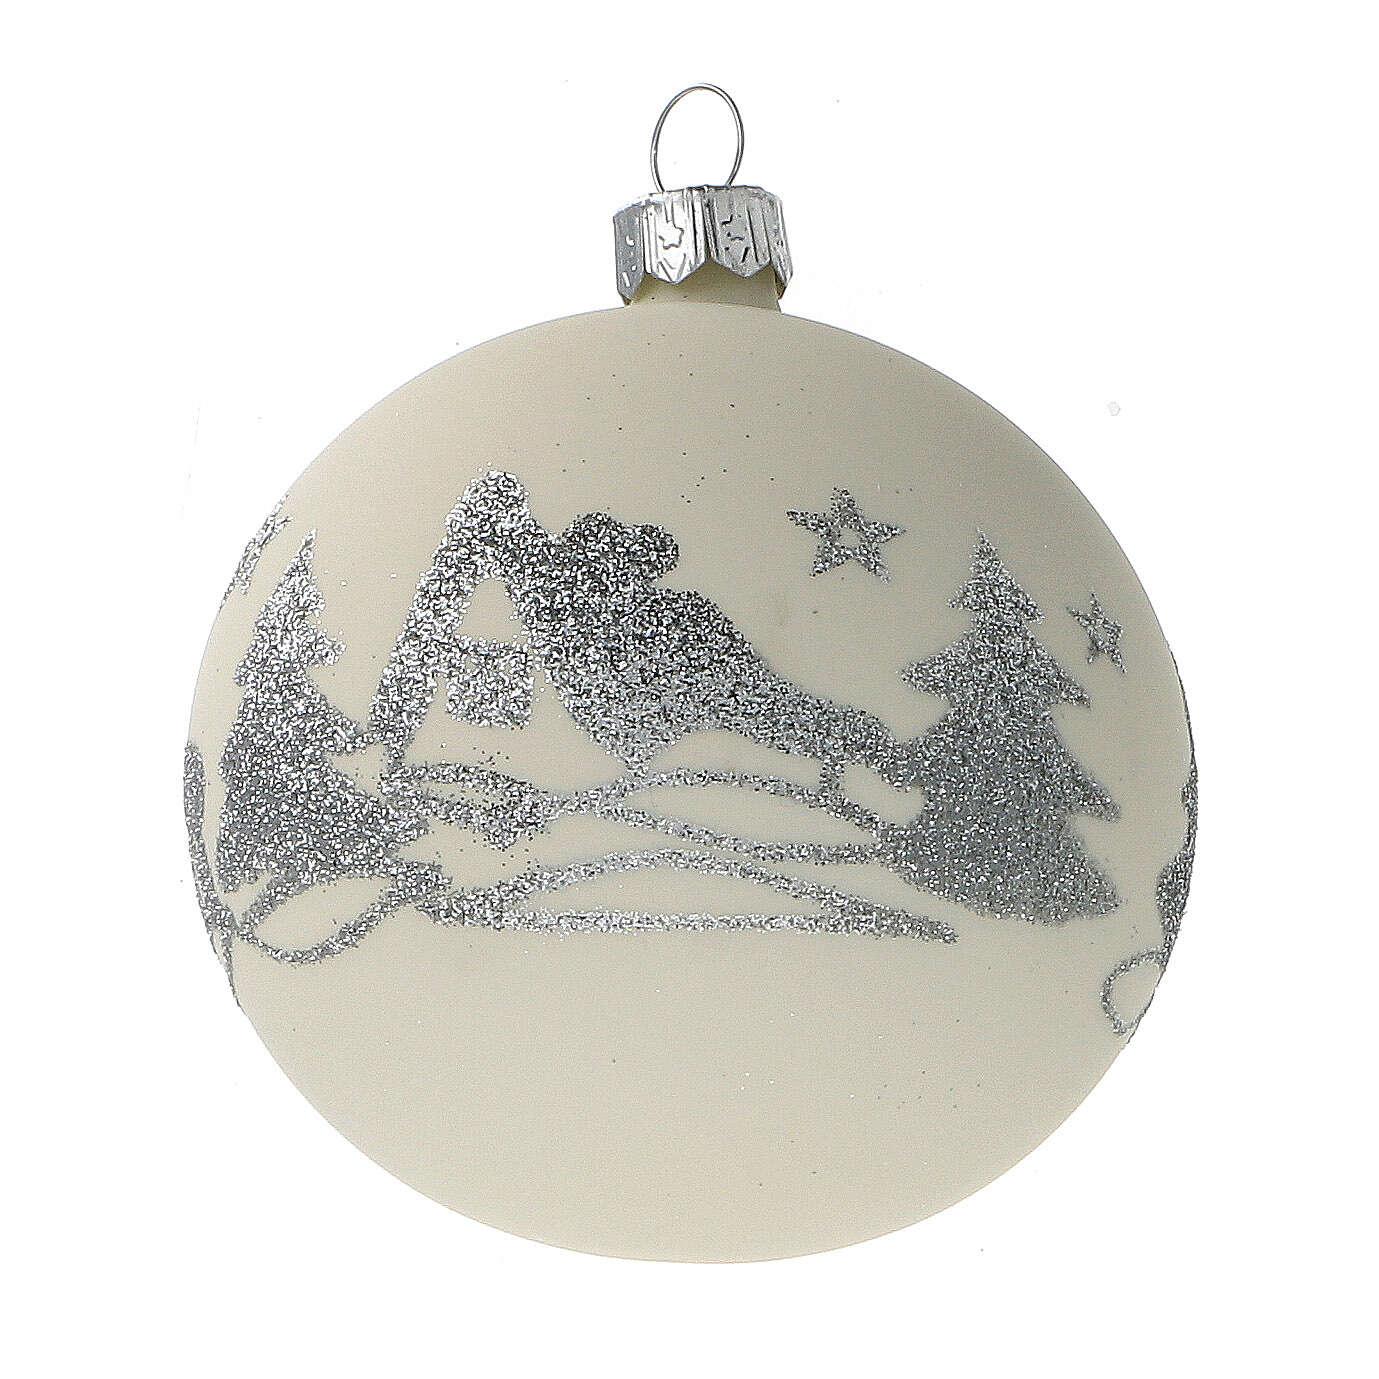 Boules Noël blanc argent paillettes verre soufflé set 24 pcs 80 mm 4